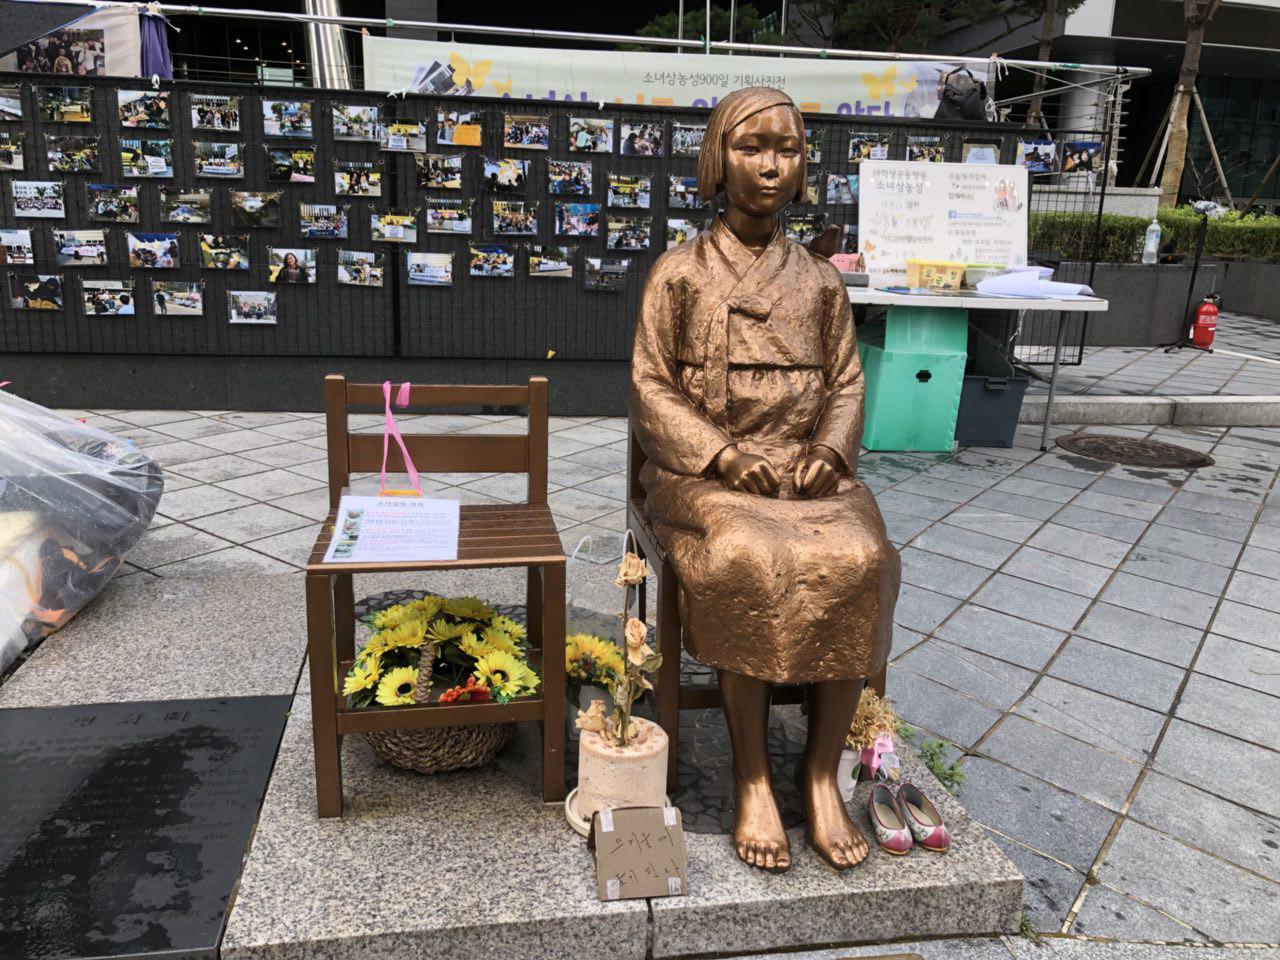 소녀상농성대학생공동행동 '매국적한일합의 폐기! 일본군성노예제문제해결!' 기자회견 (구)일본대사관 맞은편 평화의 소녀상이 놓여져 있다.